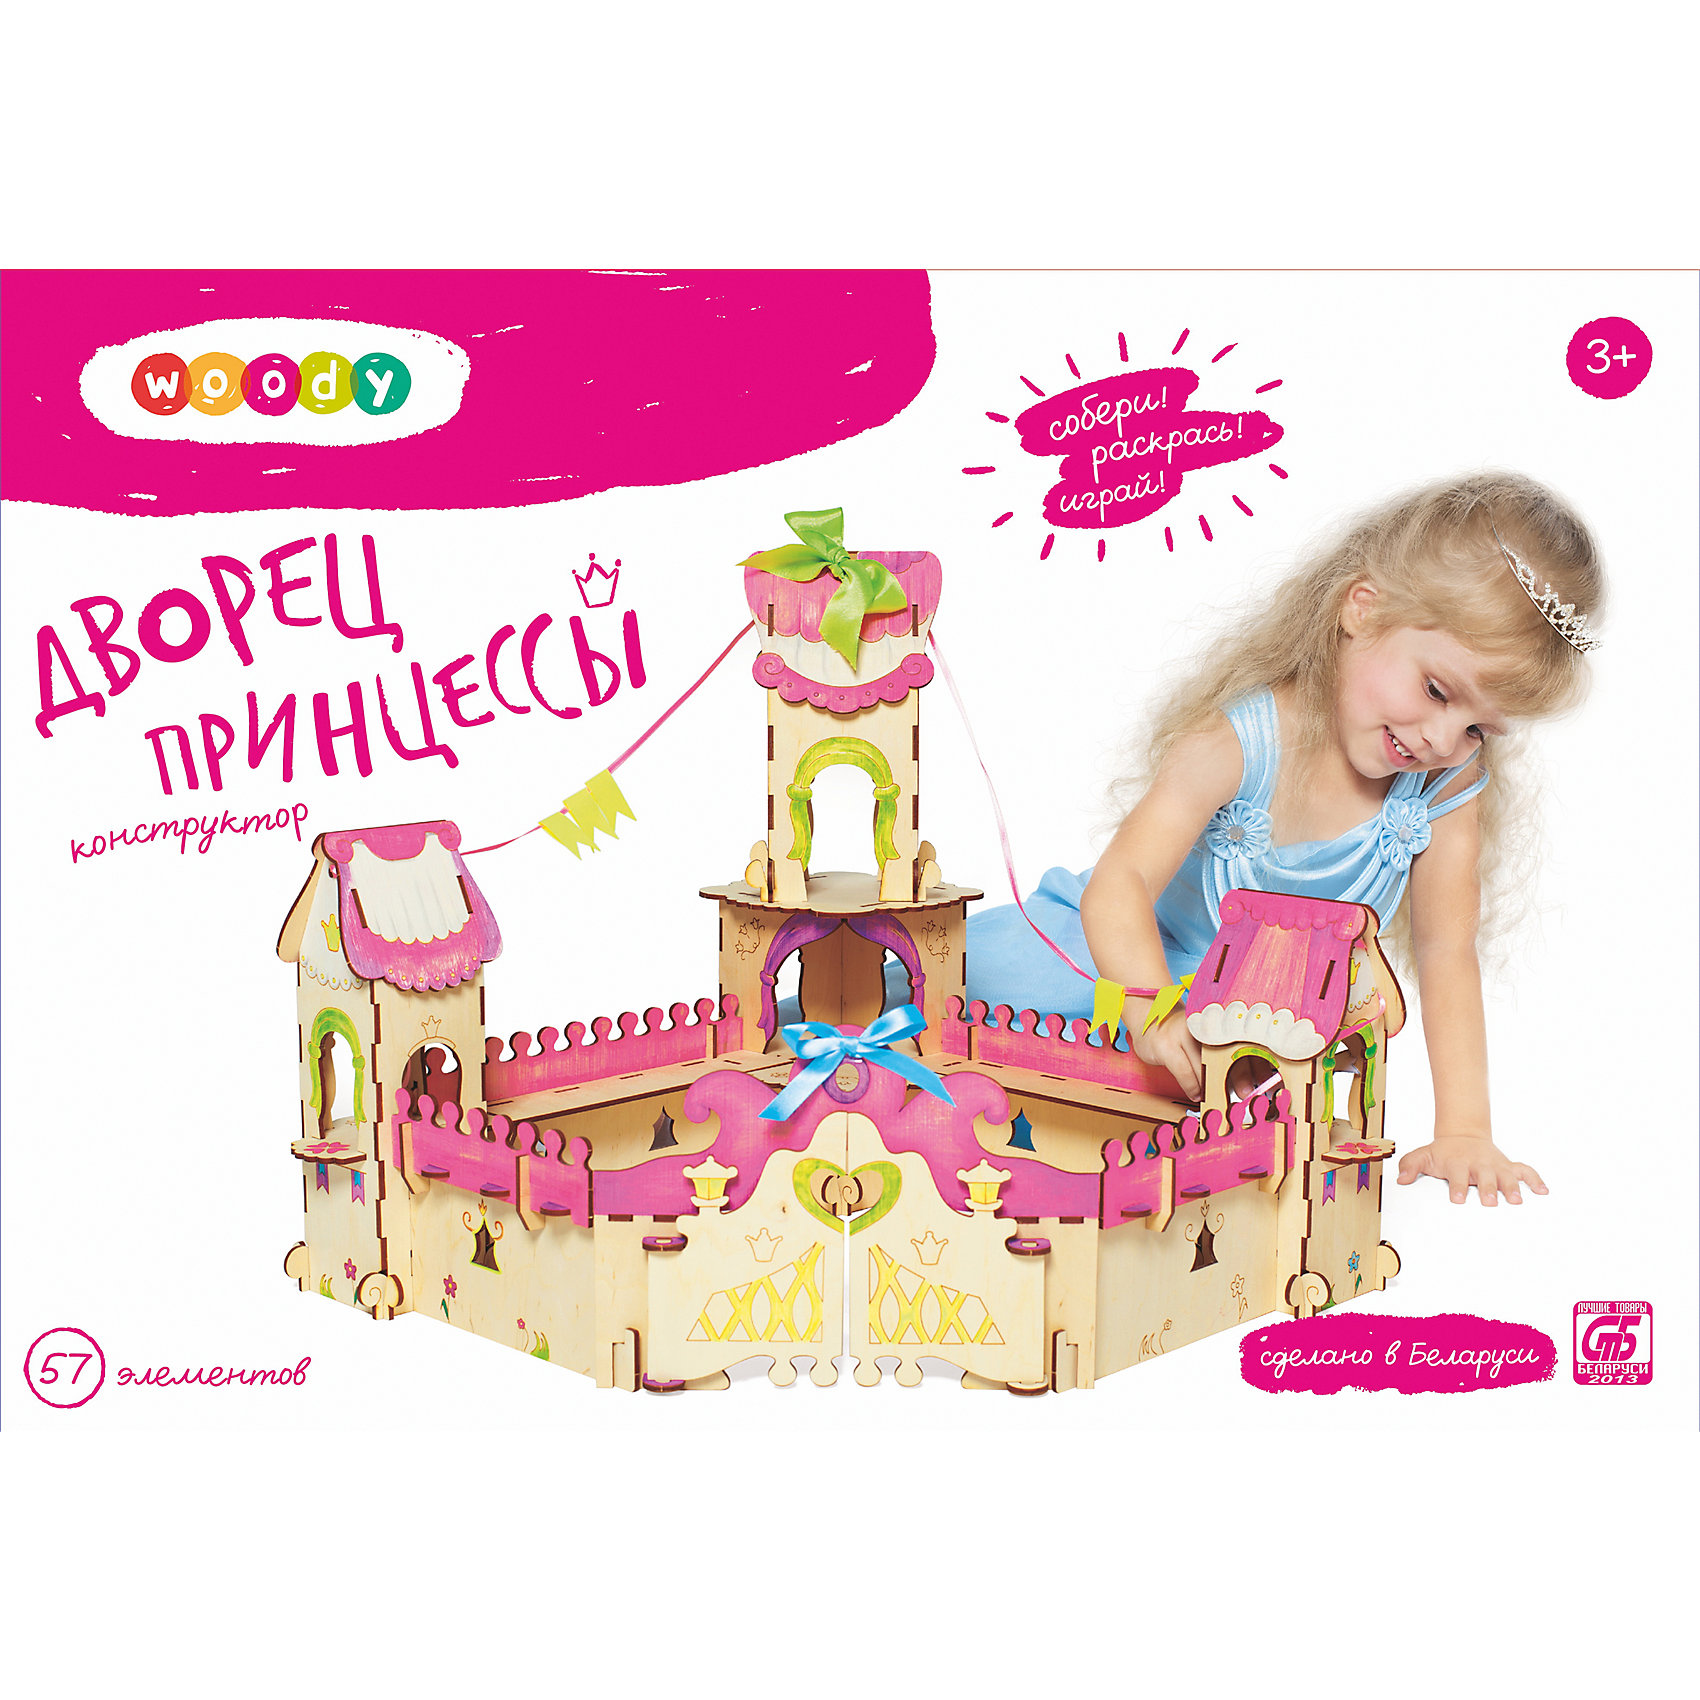 Конструктор Дворец ПринцессыЛюбой ребенок постоянно чему-то учится, сделать процесс познавания мира для малышей - просто! Интересная развивающая игрушка Дворец Принцессы - это деревянный конструктор в виде большого дворца для принцессы (в нем могут жить куклы и другие игрушки), он поможет ребенку научиться сопоставлять детали. <br>Этот конструктор обязательно займет ребенка! Игра с ним помогает детям развивать мелкую моторику и познавать мир, также его можно раскрасить по своему усмотрению. Обучающая игрушка сделана из качественных и безопасных для ребенка материалов - натурального дерева.<br><br>Дополнительная информация:<br><br>цвет: дерево;<br>размер: 43 х 43 х 43 см;<br>вес: 1300 г;<br>элементов: 57, набор атласных лент для украшения;<br>материал: дерево.<br><br>Конструктор Дворец Принцессы можно купить в нашем магазине.<br><br>Ширина мм: 335<br>Глубина мм: 230<br>Высота мм: 70<br>Вес г: 1384<br>Возраст от месяцев: 36<br>Возраст до месяцев: 2147483647<br>Пол: Женский<br>Возраст: Детский<br>SKU: 4916369